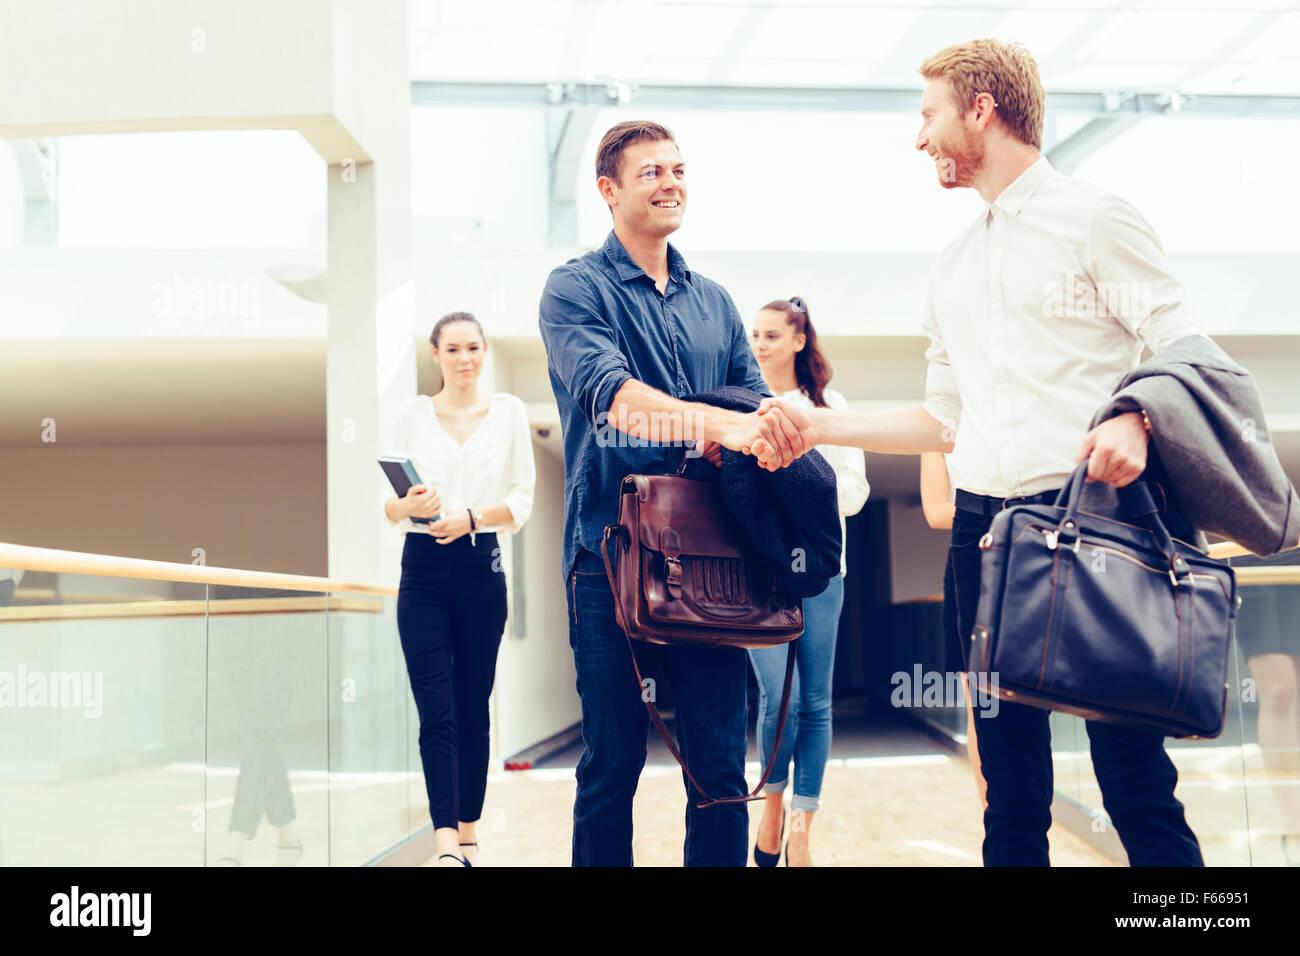 Uomini d'affari si stringono la mano e il messaggio di saluto ogni altro allegramente Immagini Stock